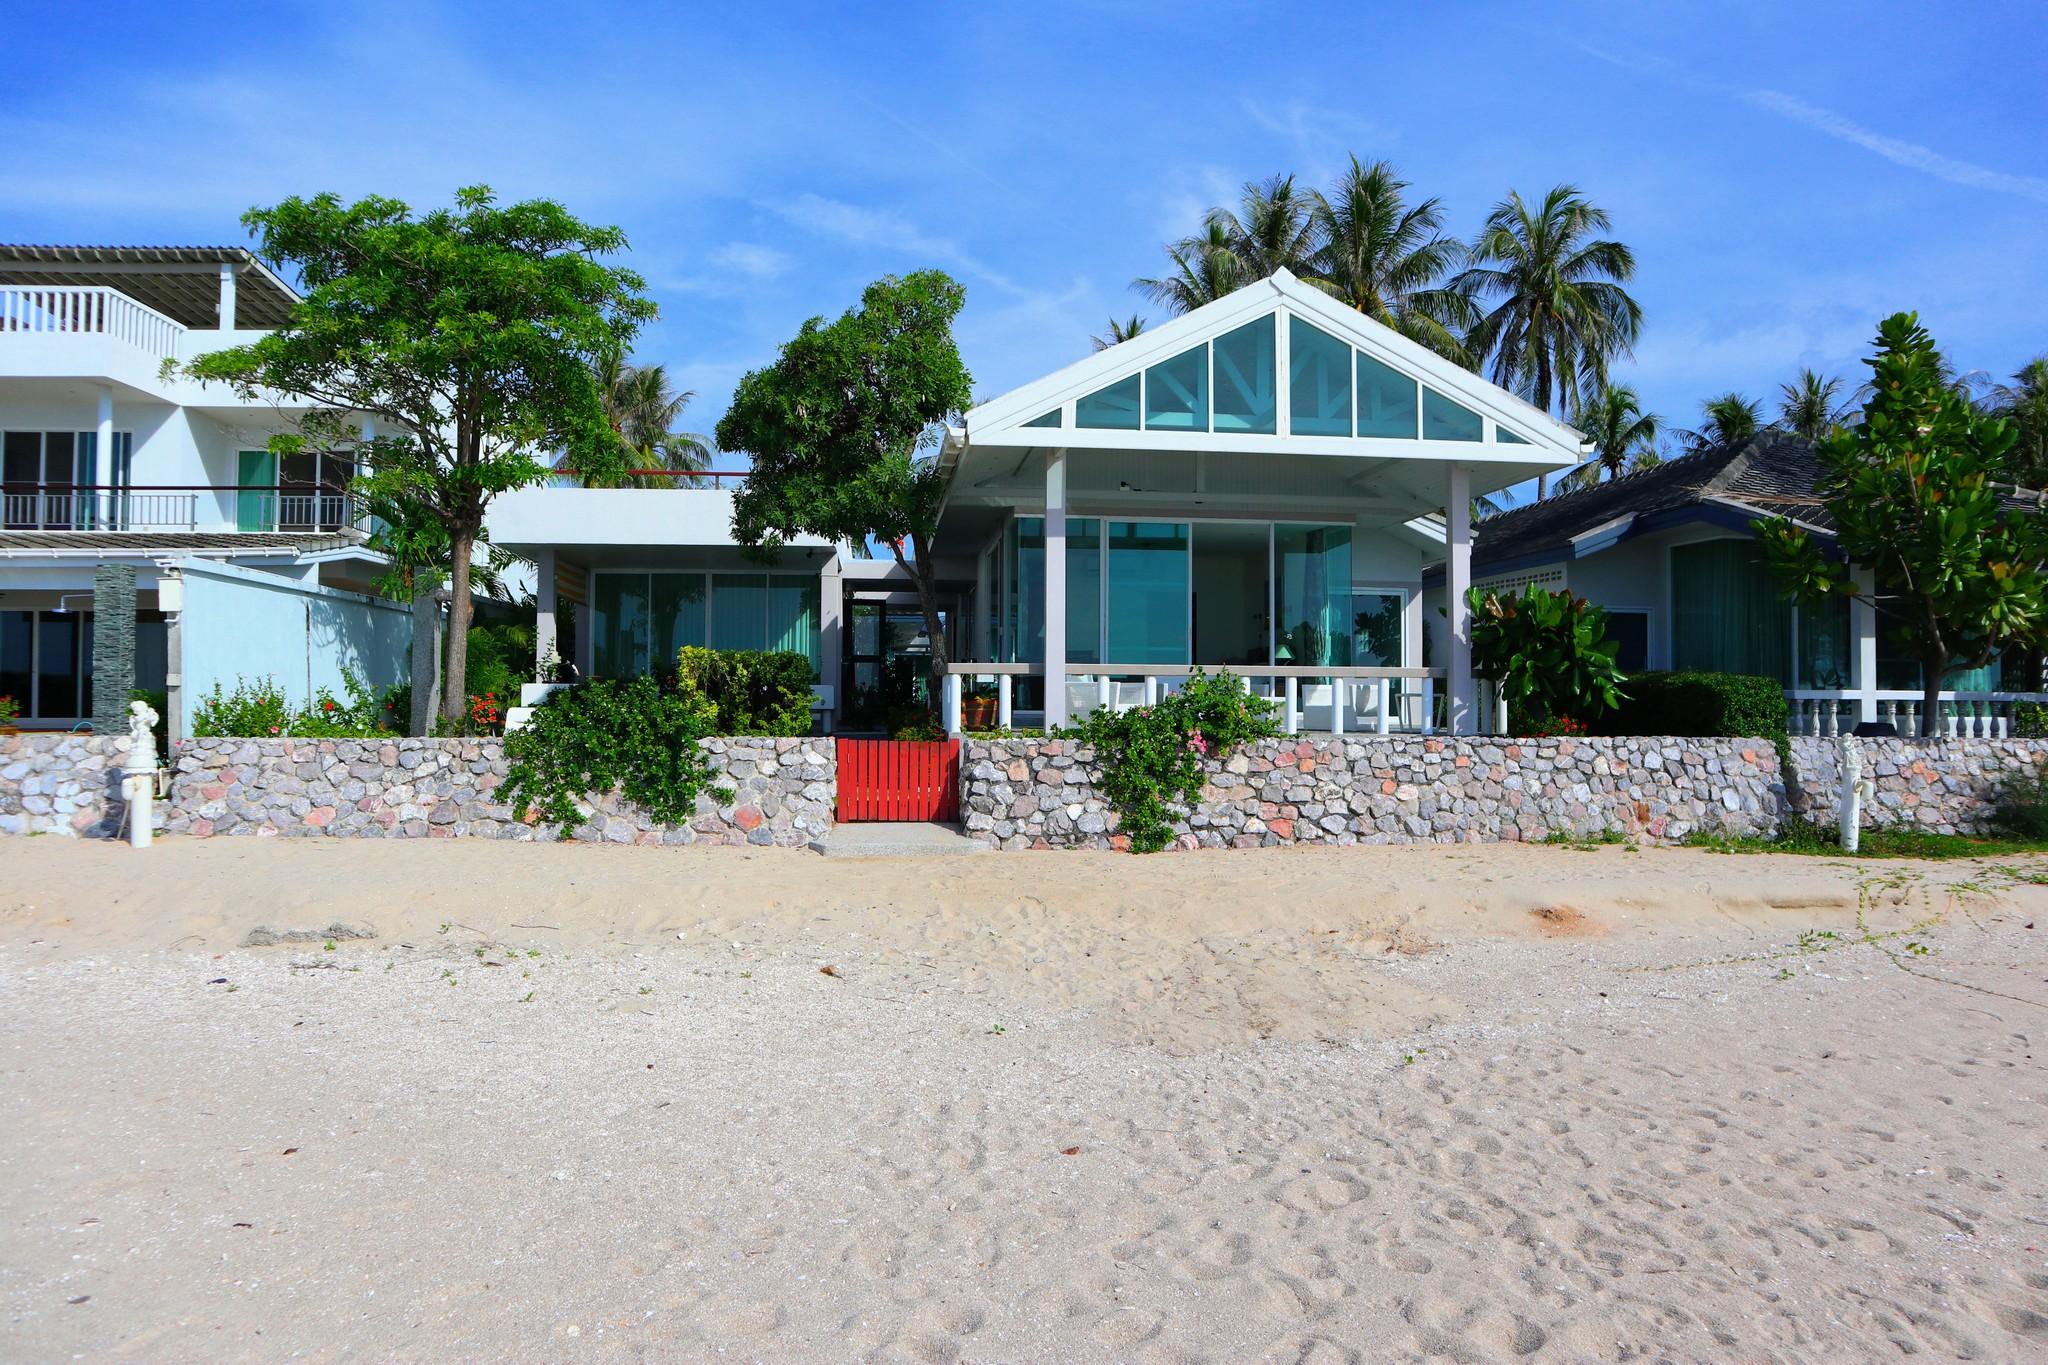 Huset sett från strandkanten